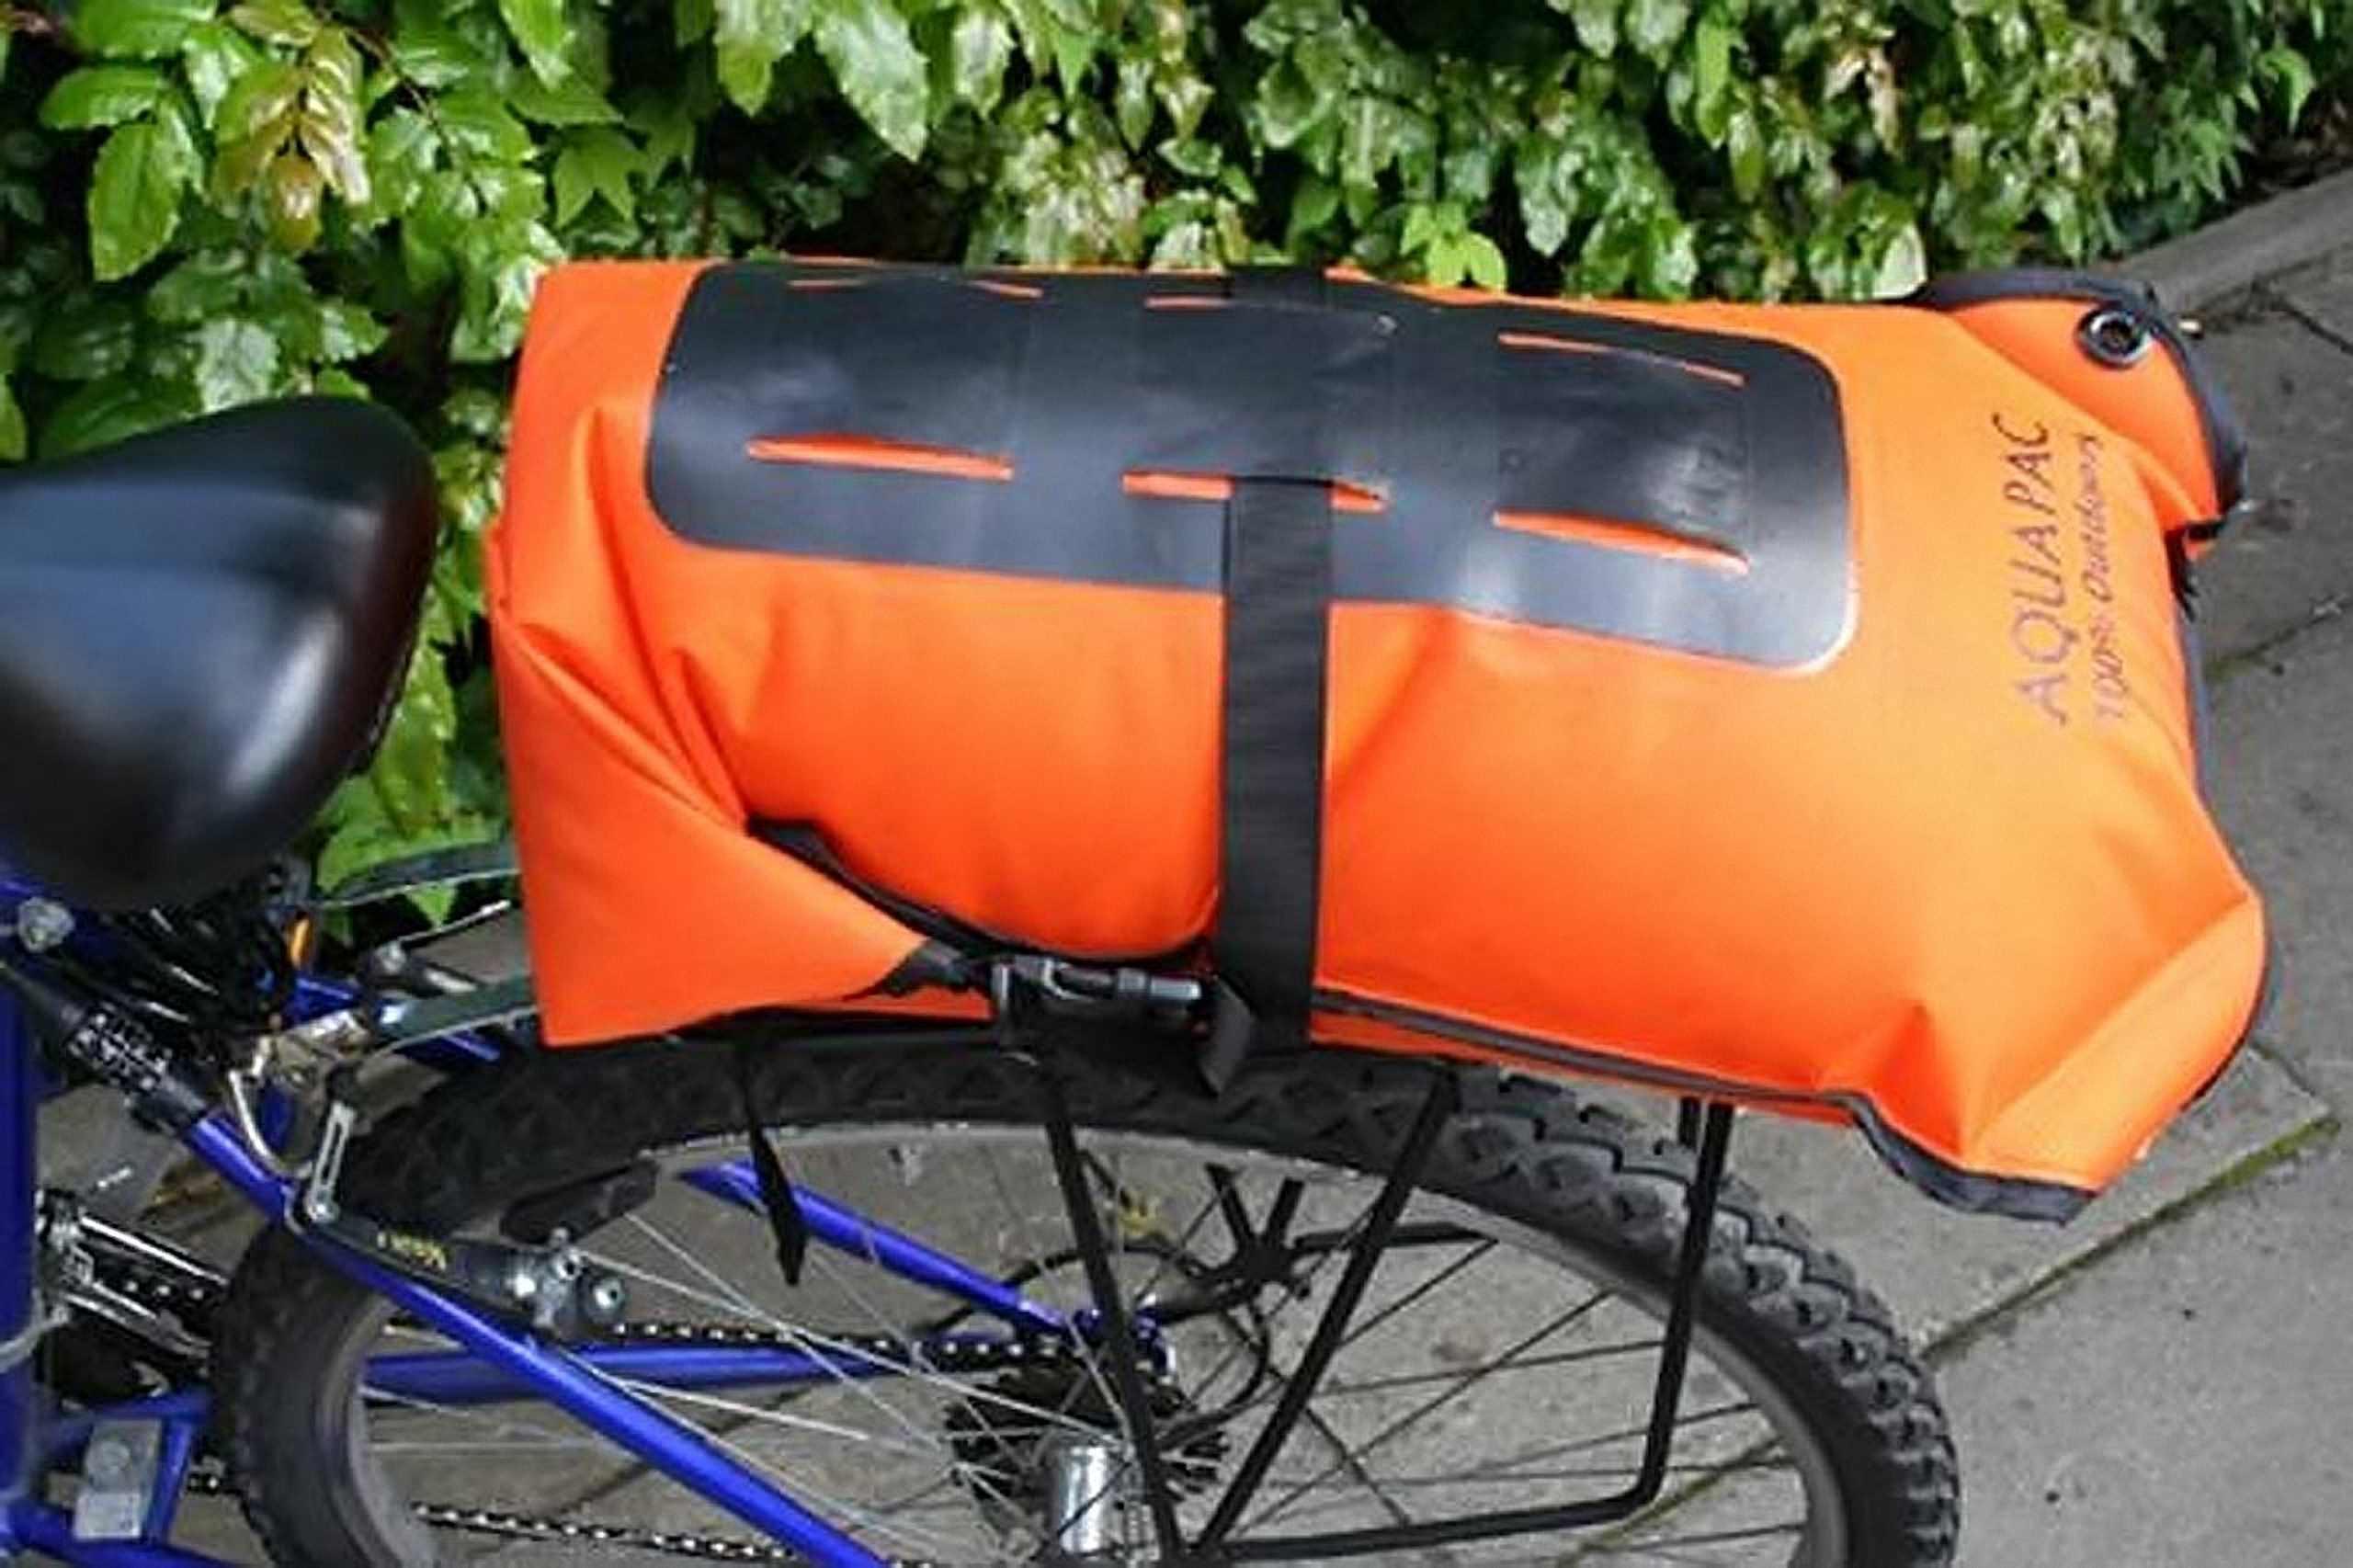 Водонепроницаемый  гермомешок-рюкзак (с двумя плечевыми ремнями) Aquapac 760 - Noatak Wet & Drybag - 15L.. Aquapac - №1 в мире водонепроницаемых чехлов и сумок. Фото 8